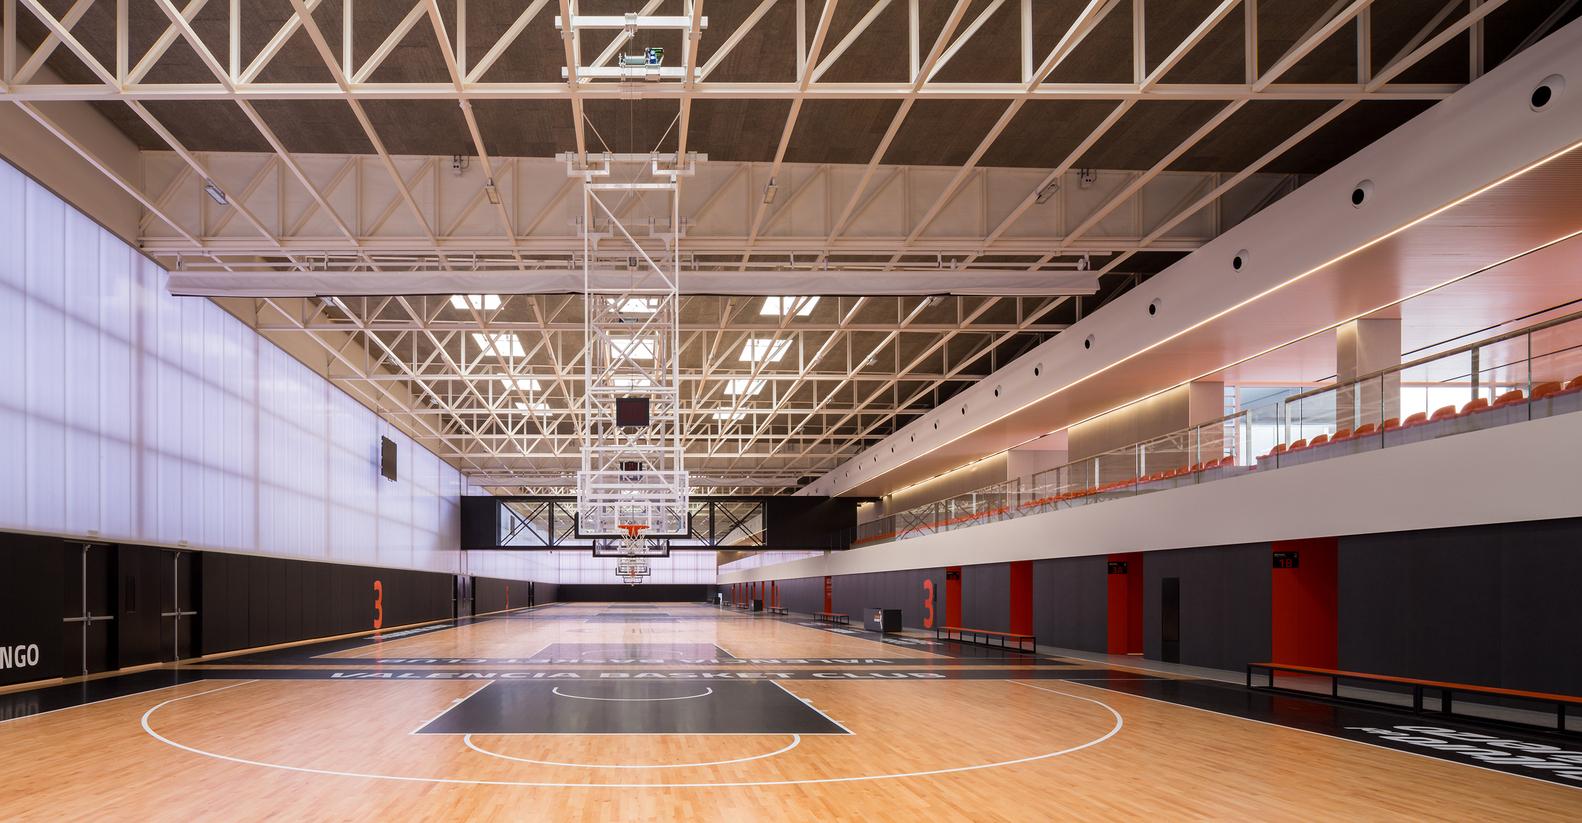 arqueria-basket-erre-arquitectura-daniel-rueda-03